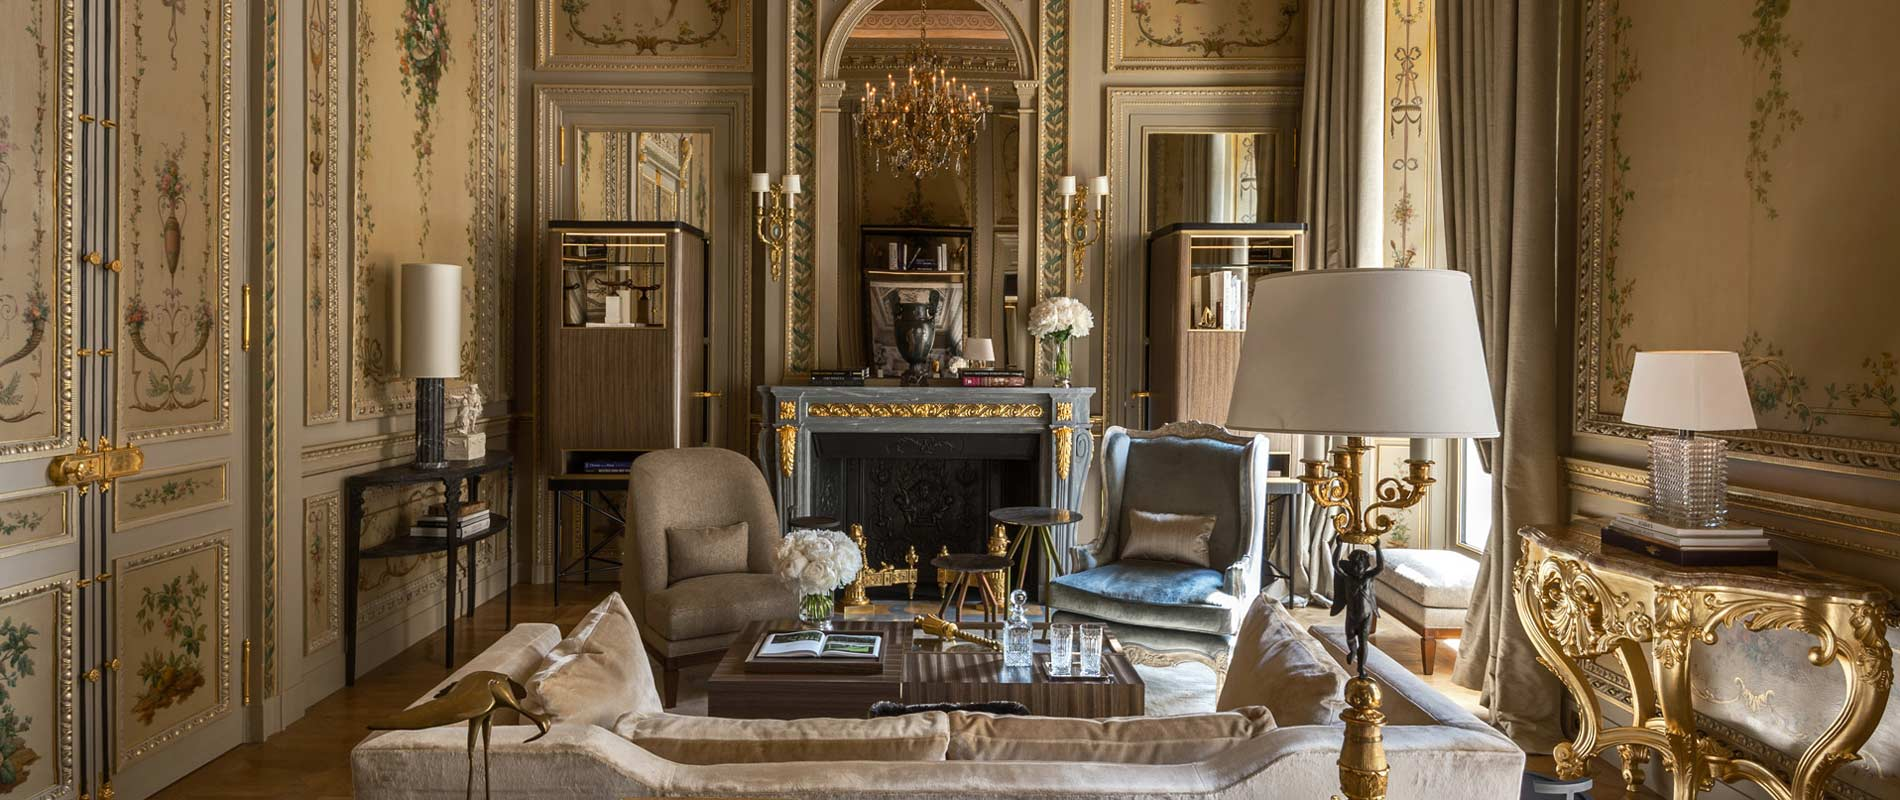 Hôtel de Crillon, Paris - A Timeless Taste of Grace and Grandeur